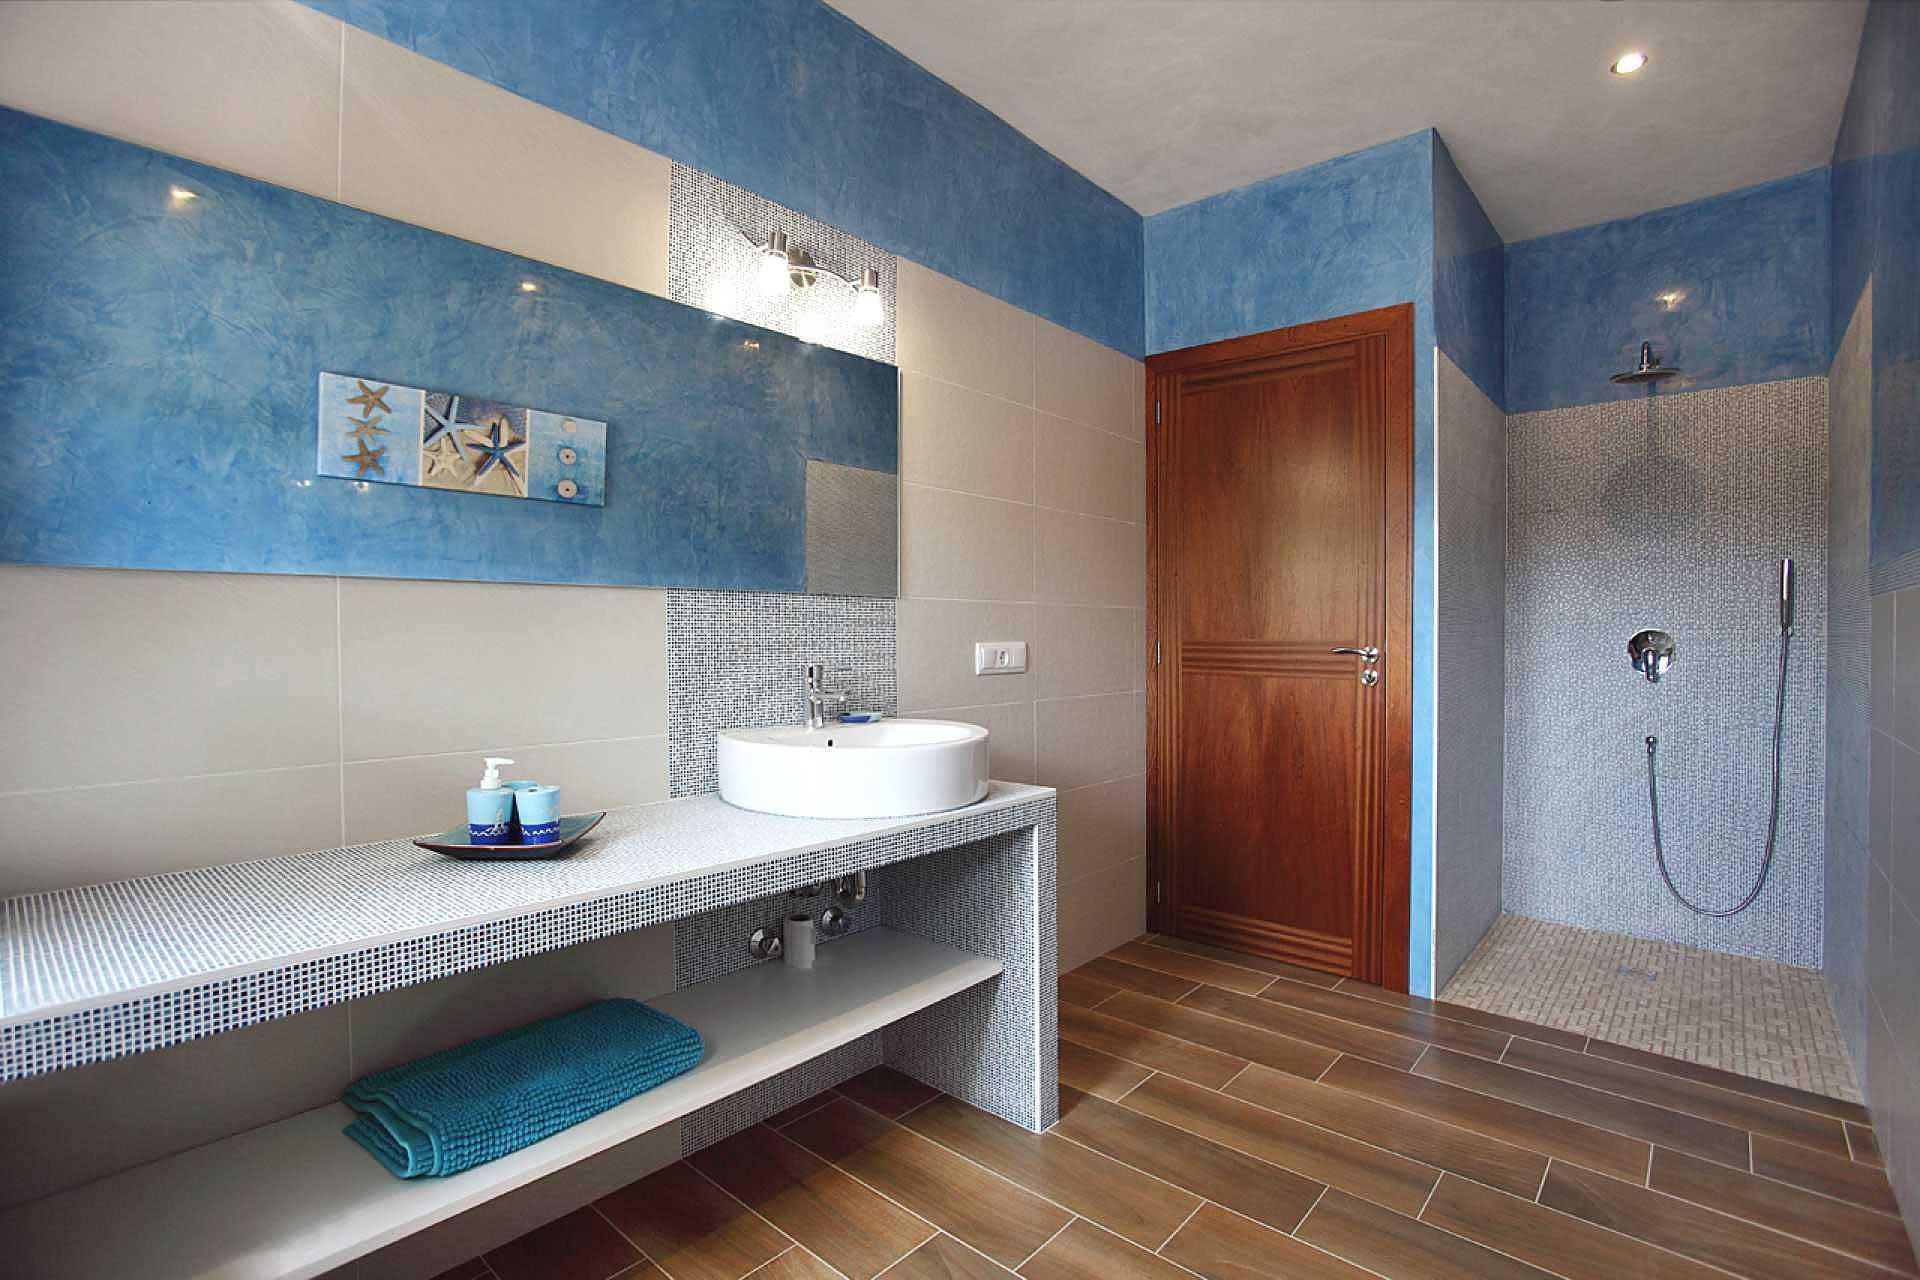 01-45 Exklusive Finca Mallorca Osten Bild 47